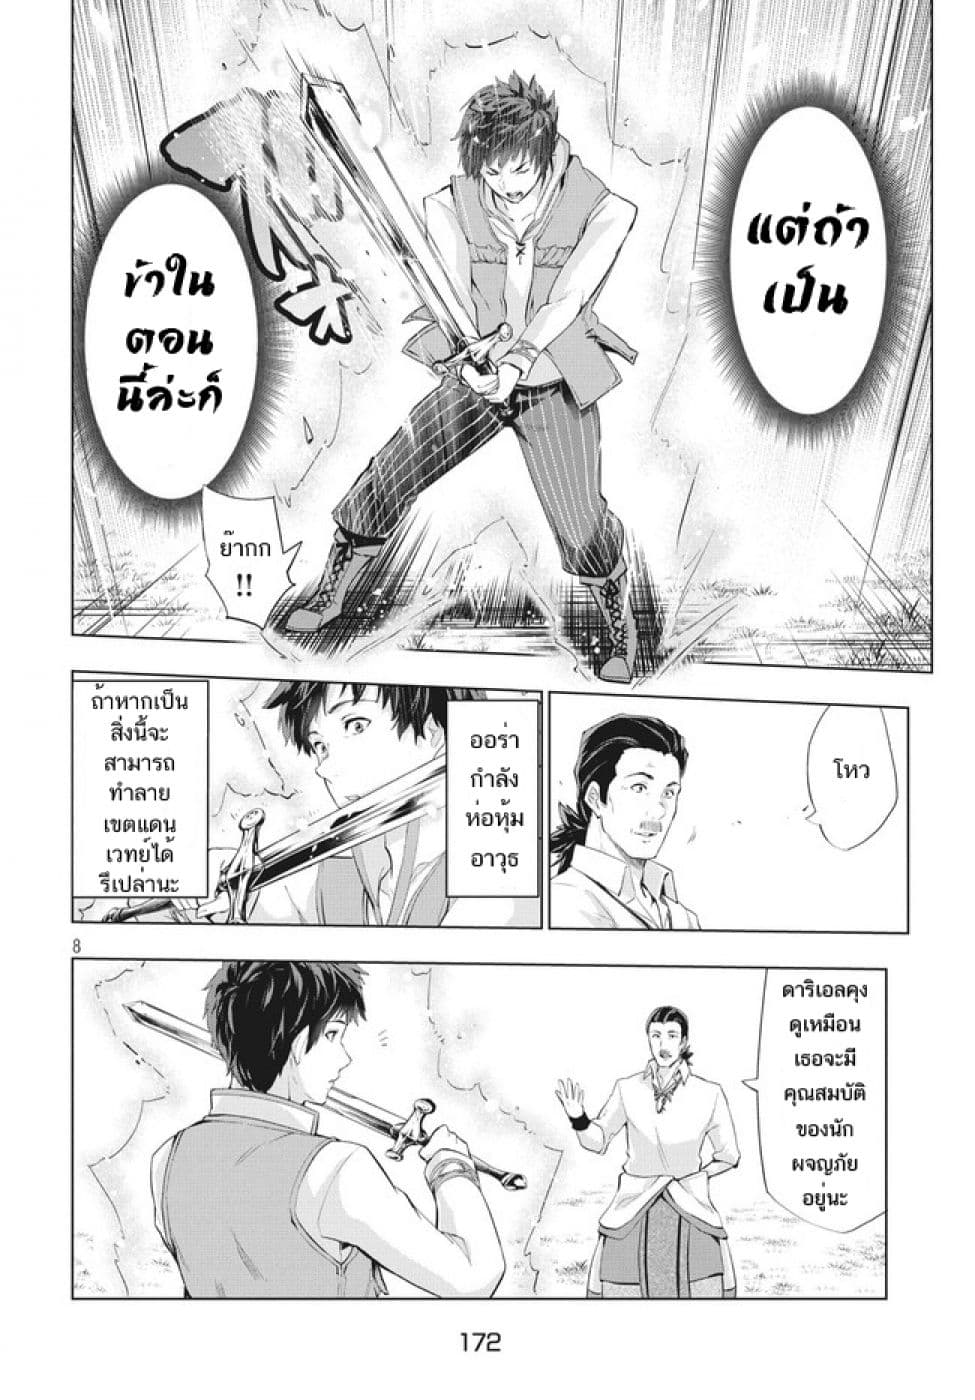 อ่านการ์ตูน Kaiko sareta Ankoku Heishi (30-dai) no Slow na Second ตอนที่ 3 หน้าที่ 7